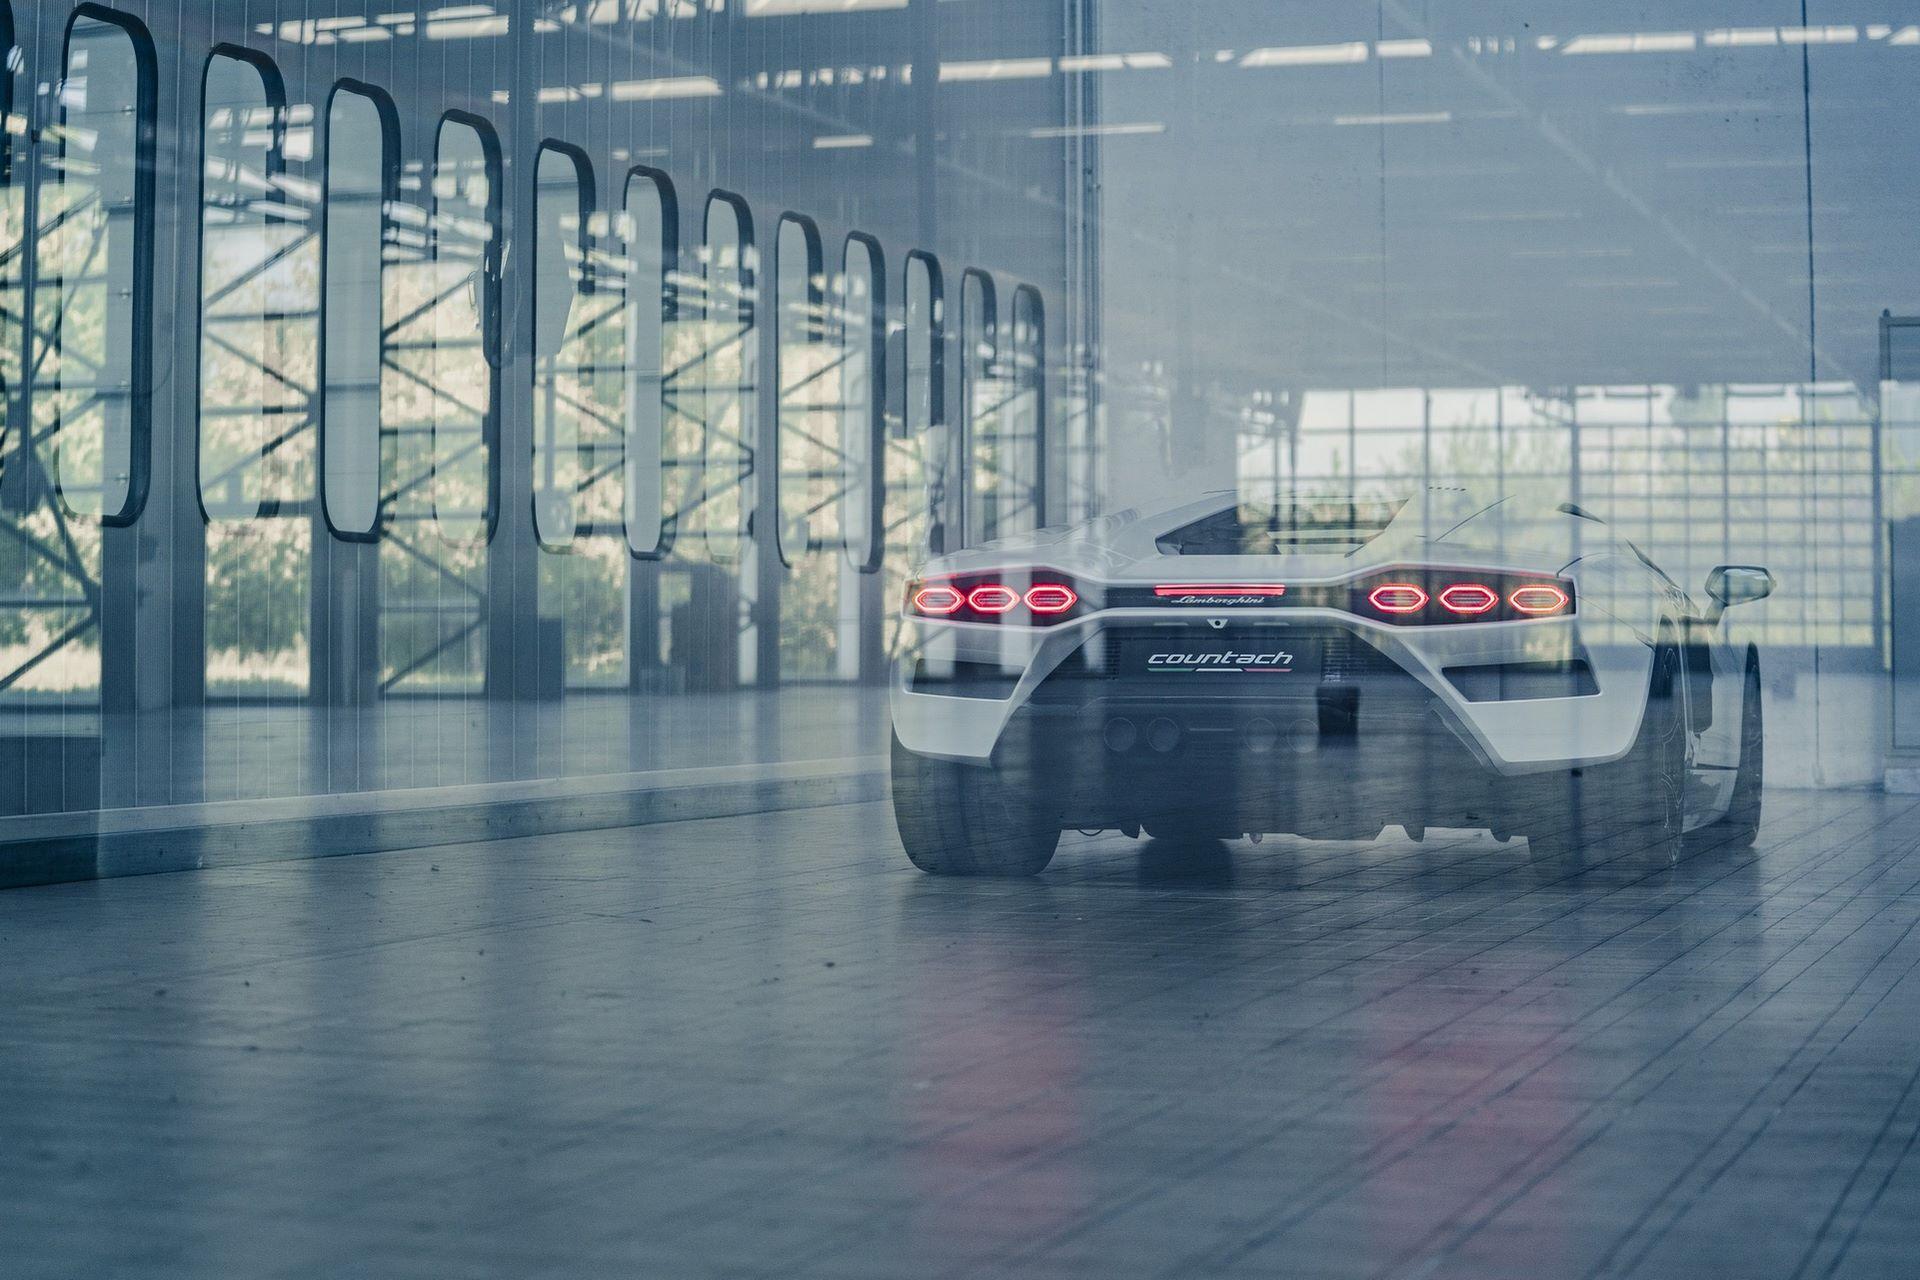 Lamborghini-Countach-LPI-800-4-59